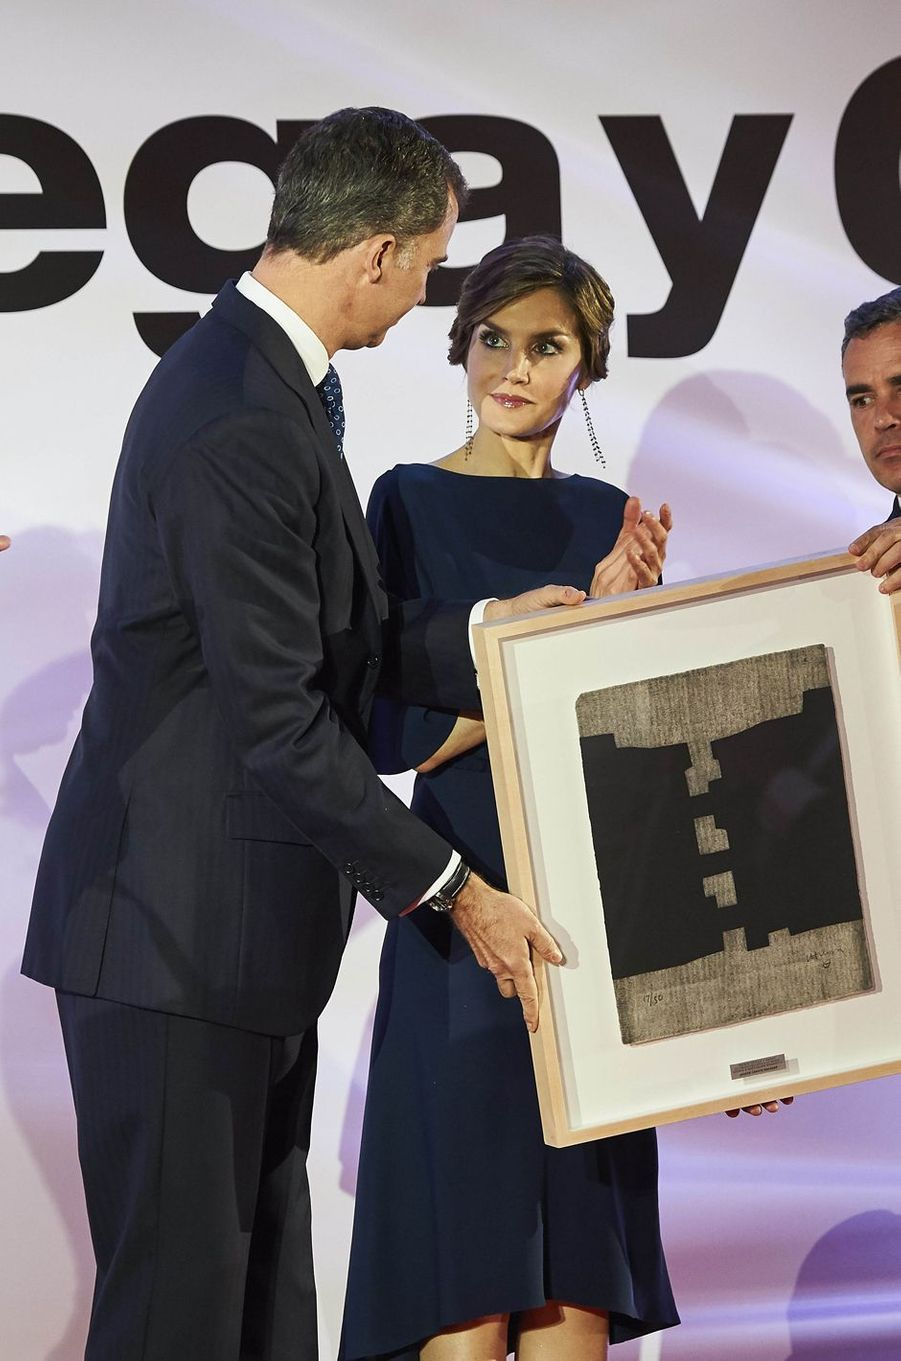 La reine Letizia et le roi Felipe VI d'Espagne à Madrid, le 5 mai 2016